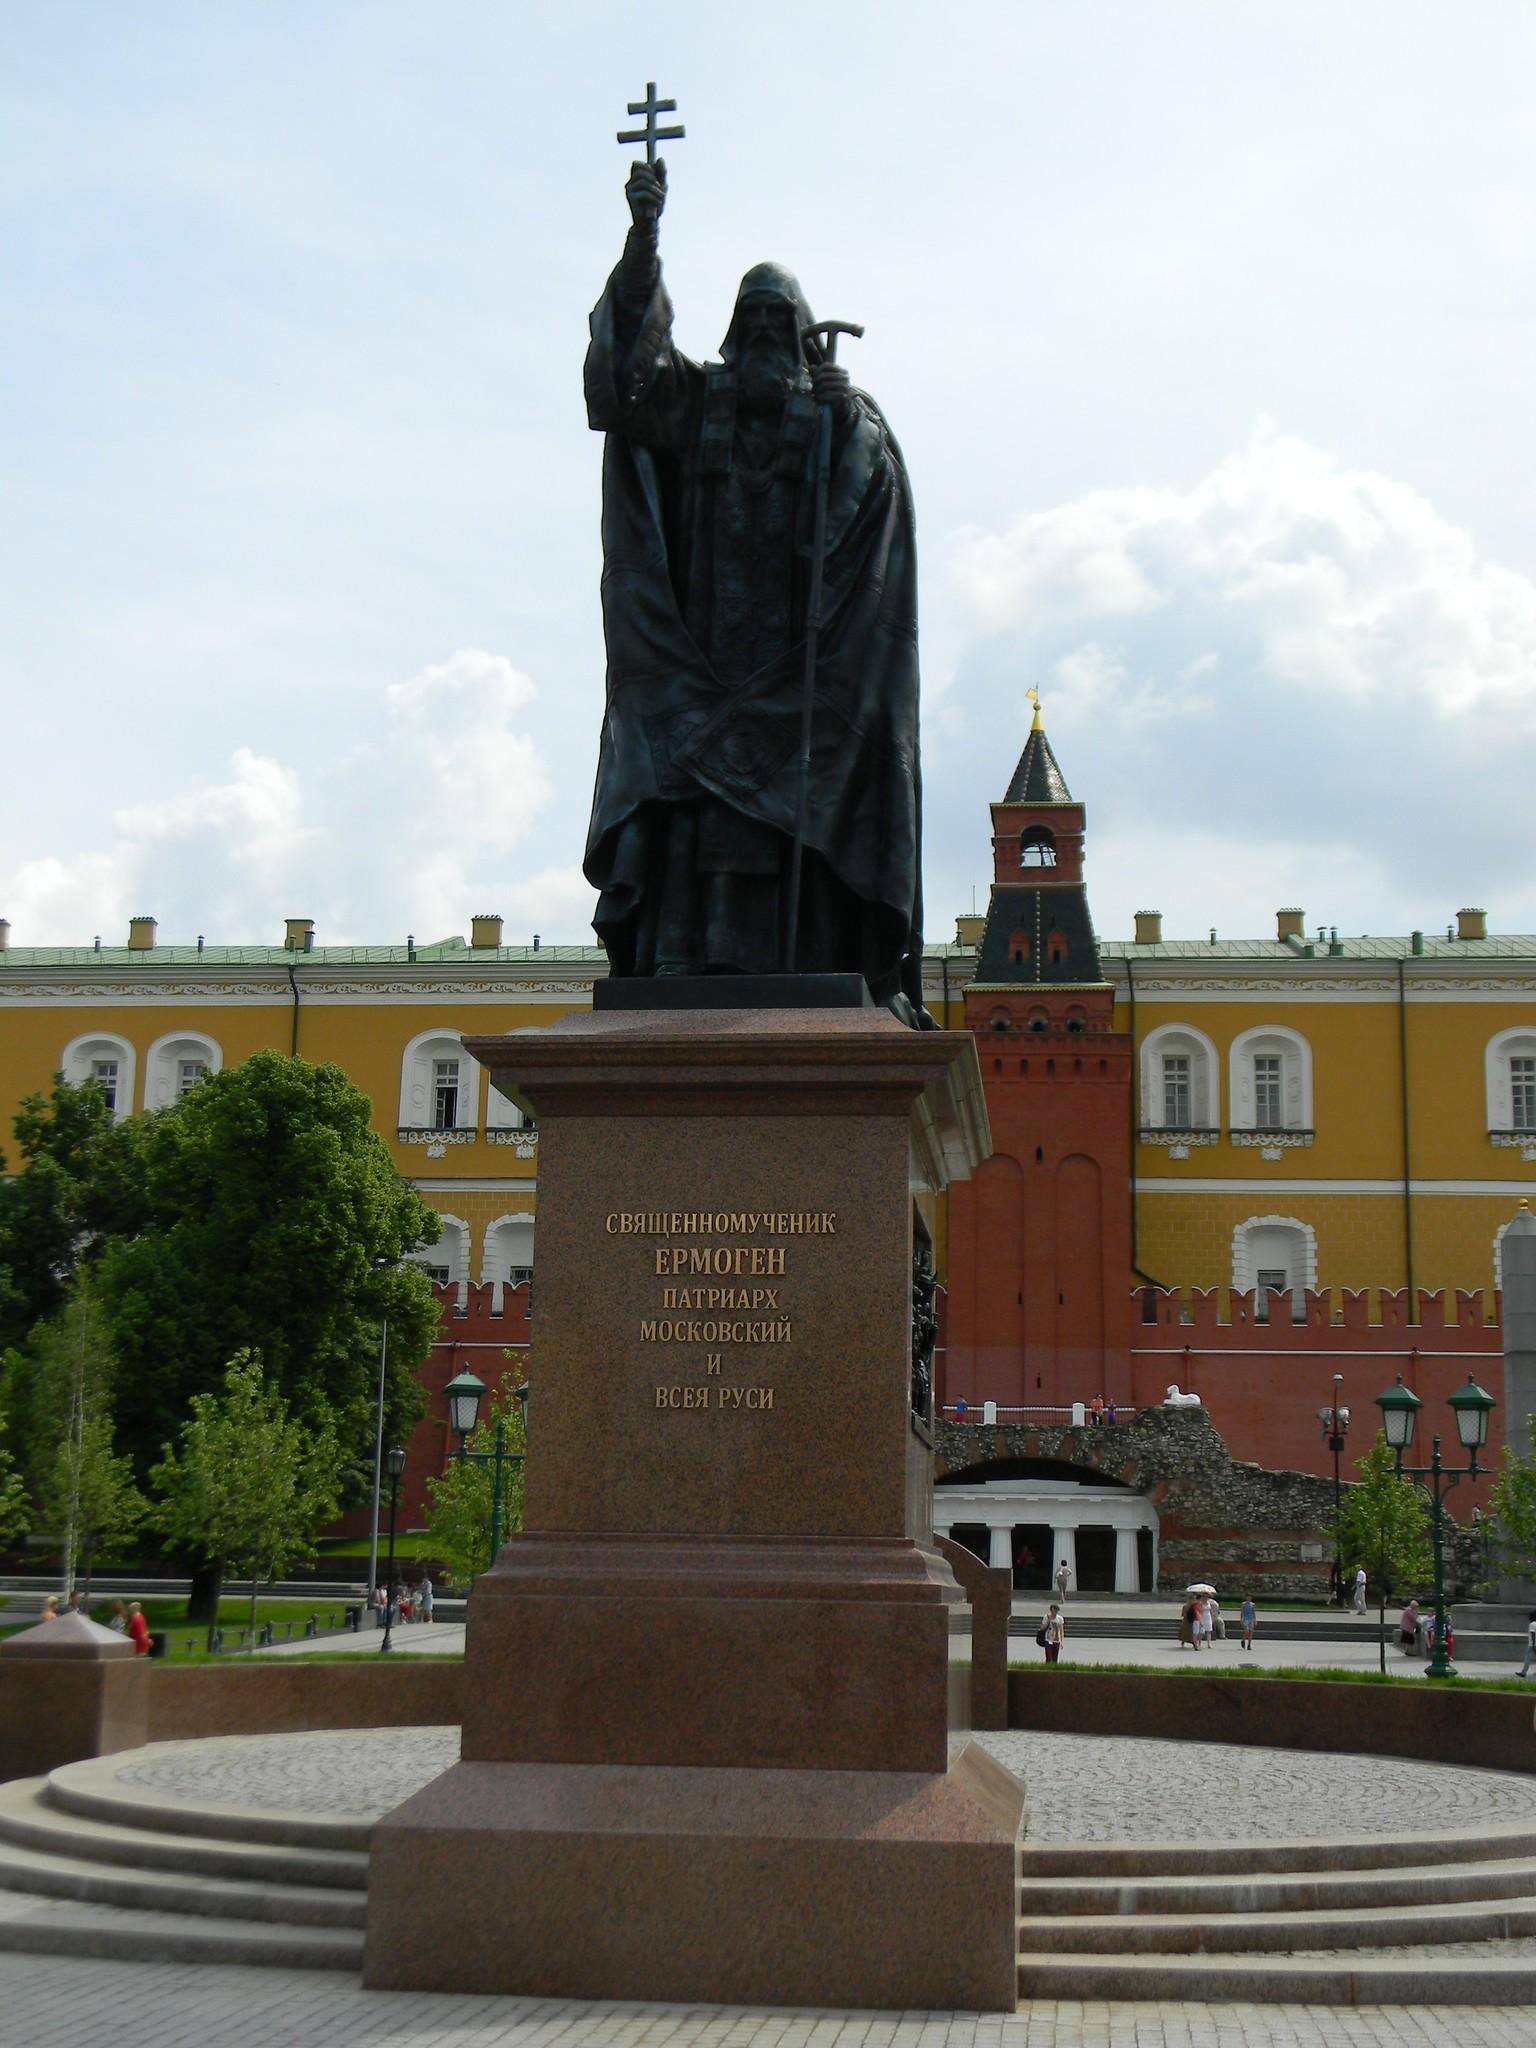 Священномученик ЕРМОГЕН патриарх Московский и Всея Руси